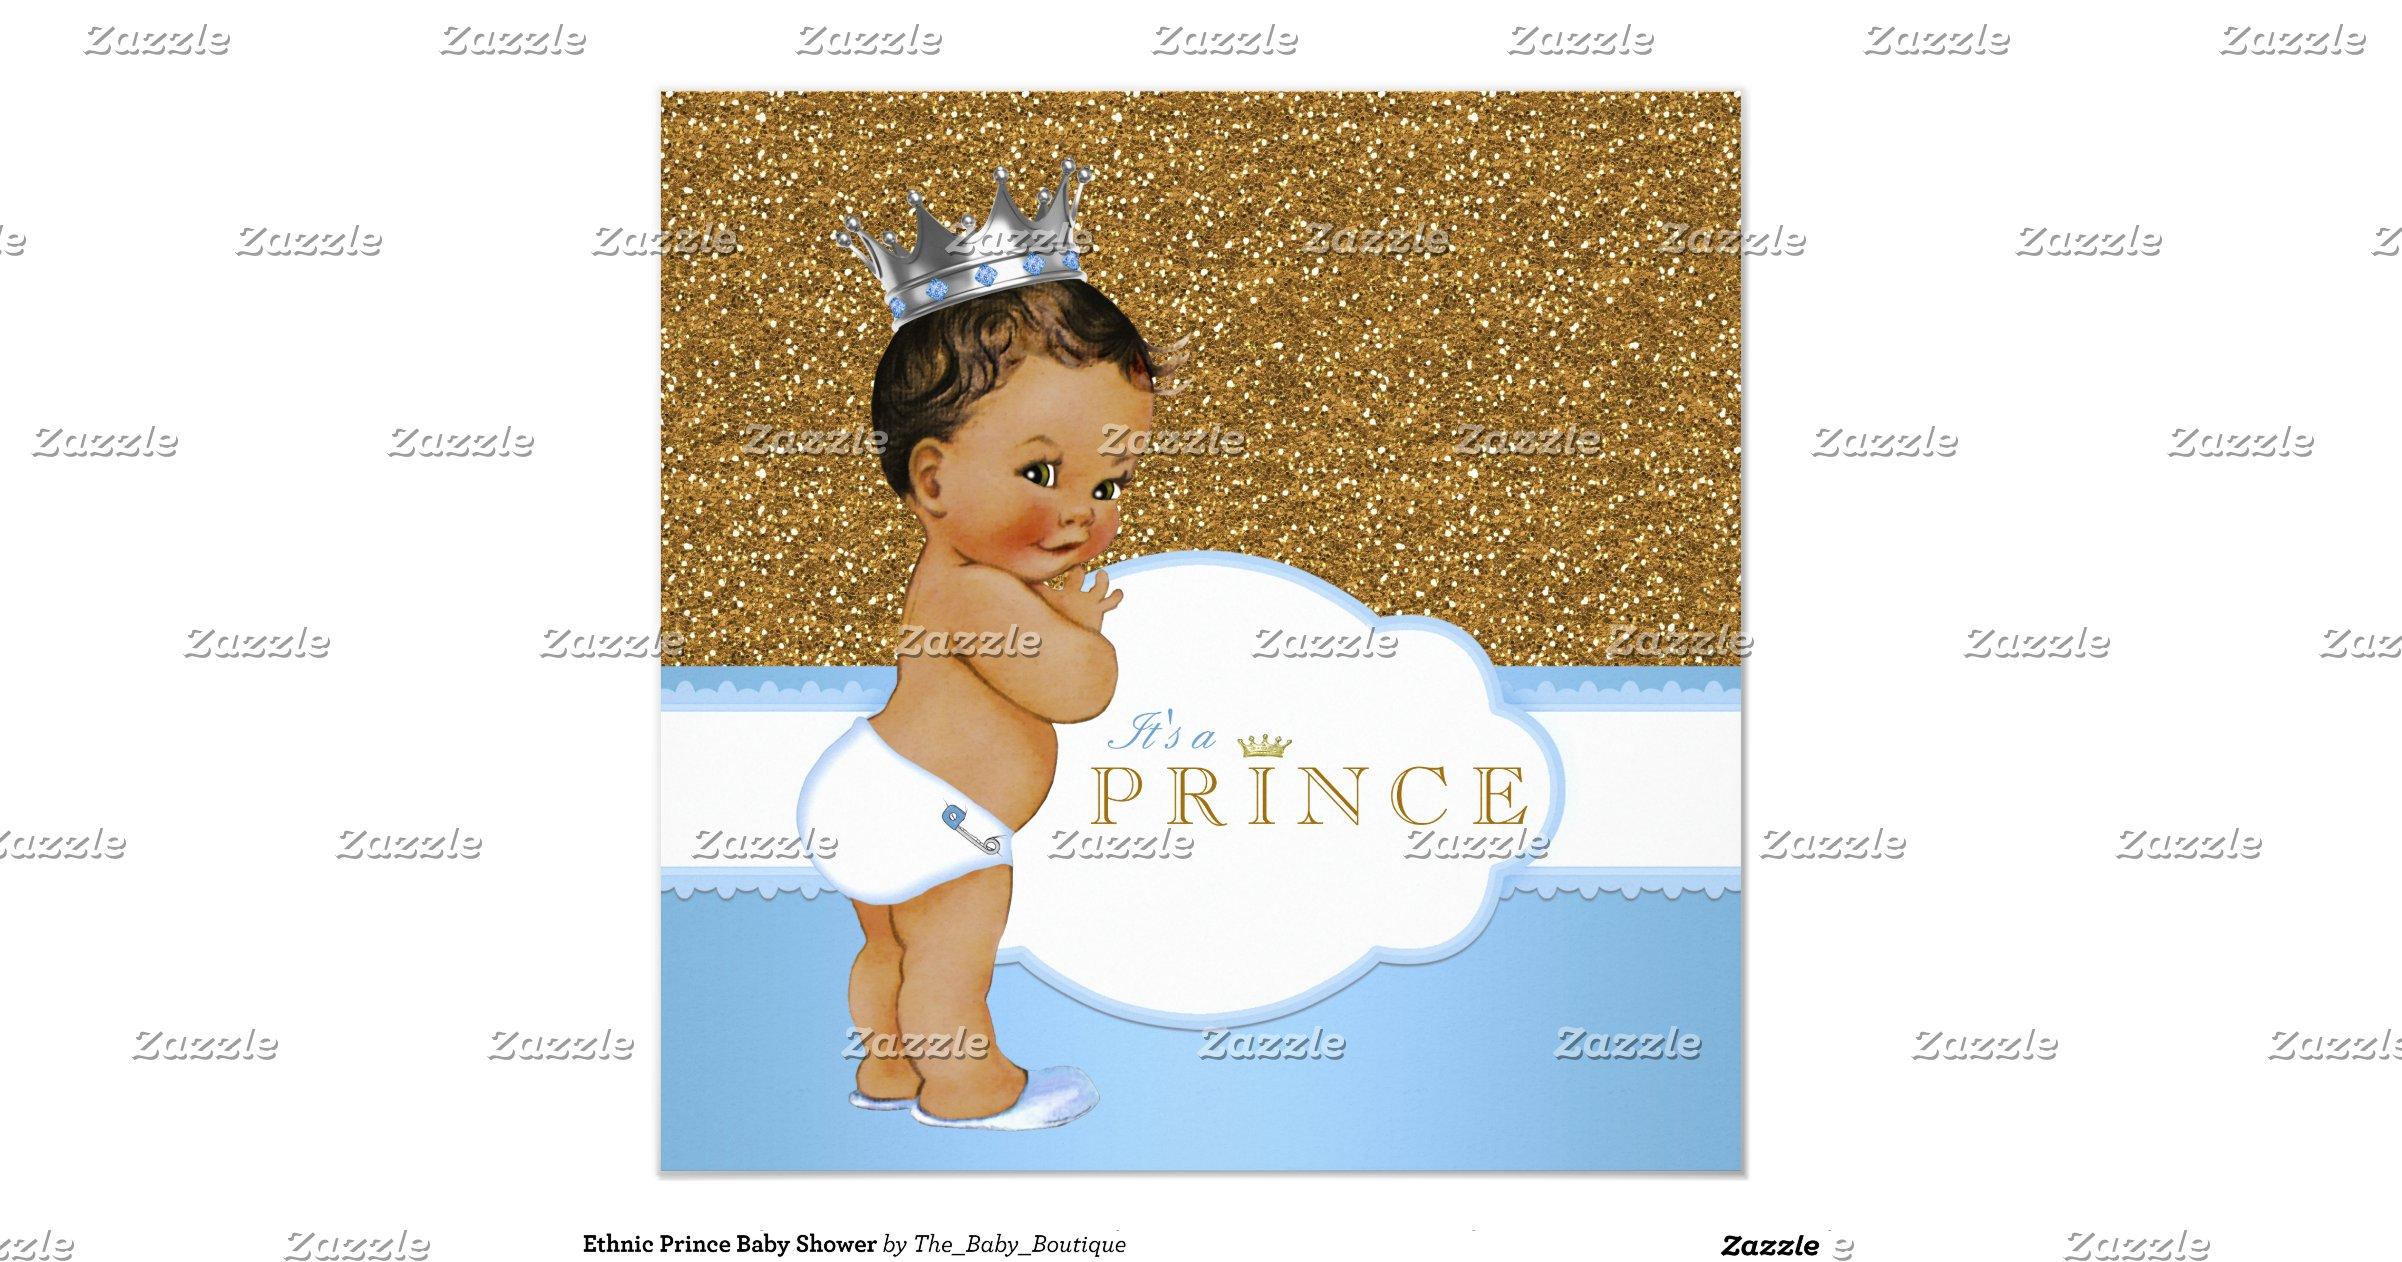 ethnic prince baby shower invitation rf0df07cc7b62413a8f91647c9f26511f